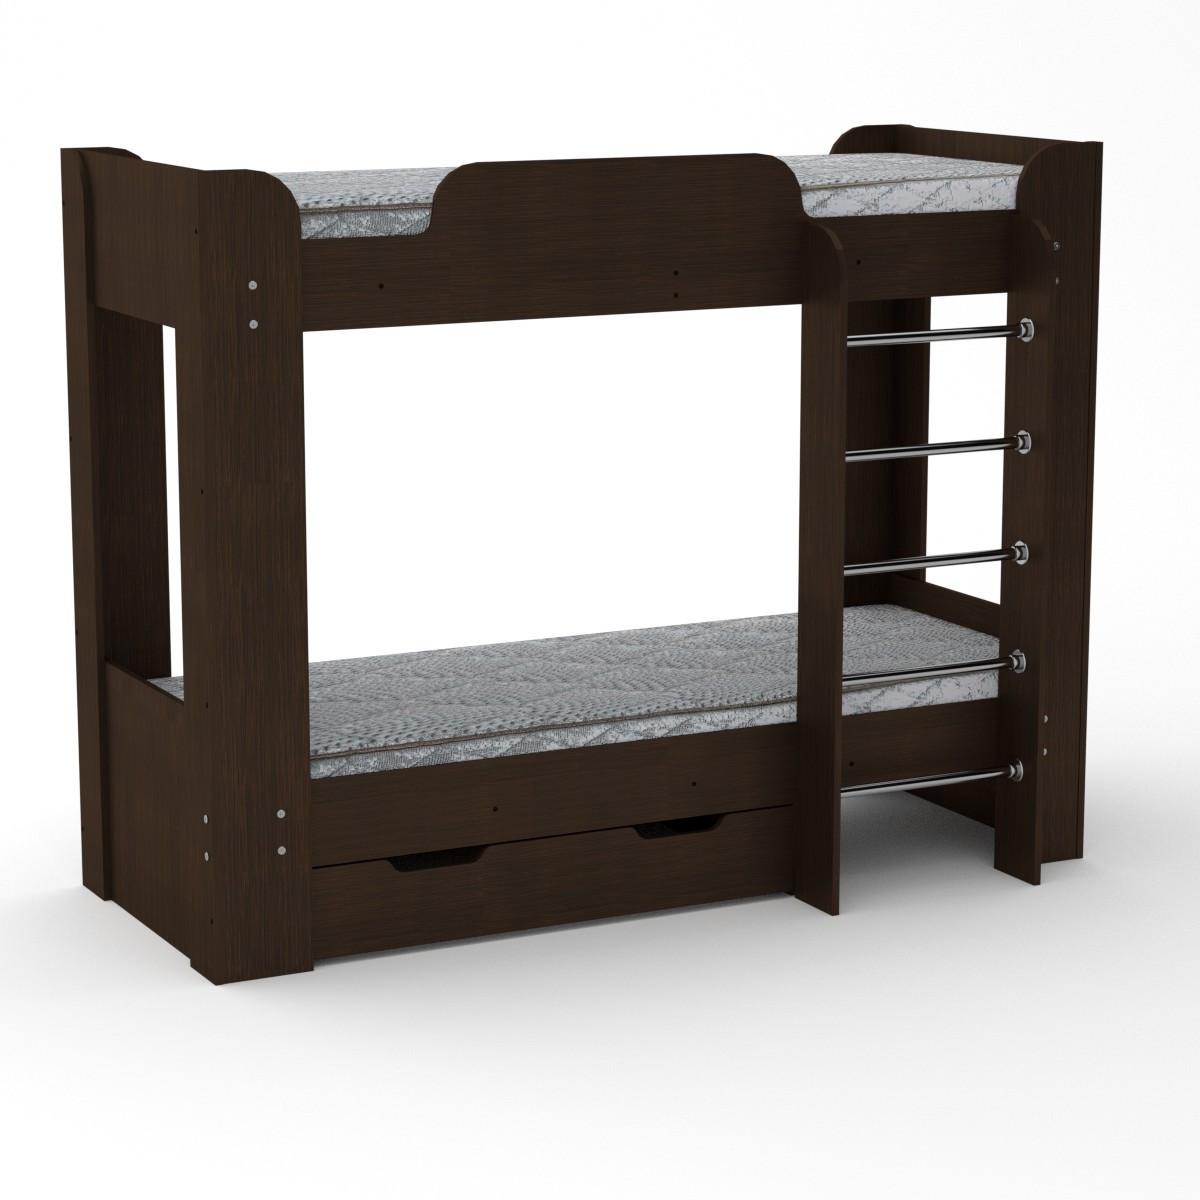 Кровать двухъярусная Твикс-2 венге Компанит